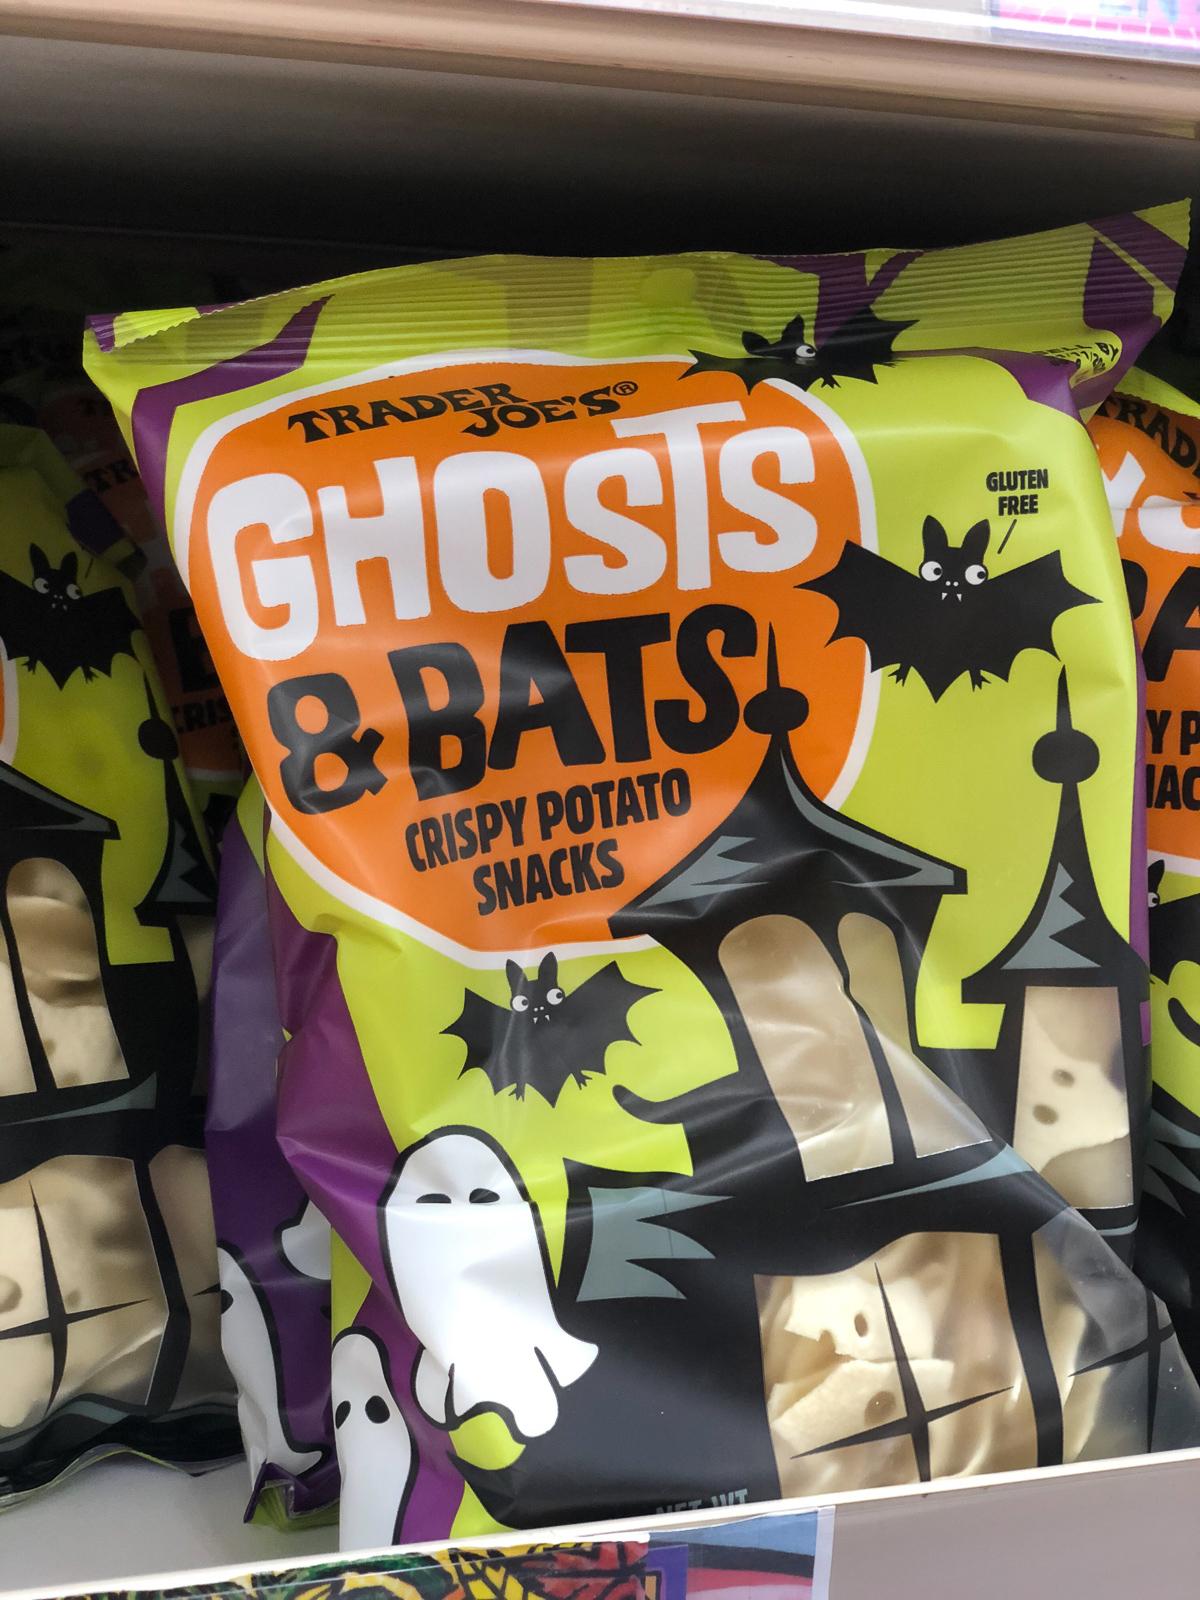 50+ Trader Joe's Pumpkin Favorites and Fall Eats - Ghosts and Bats Snacks